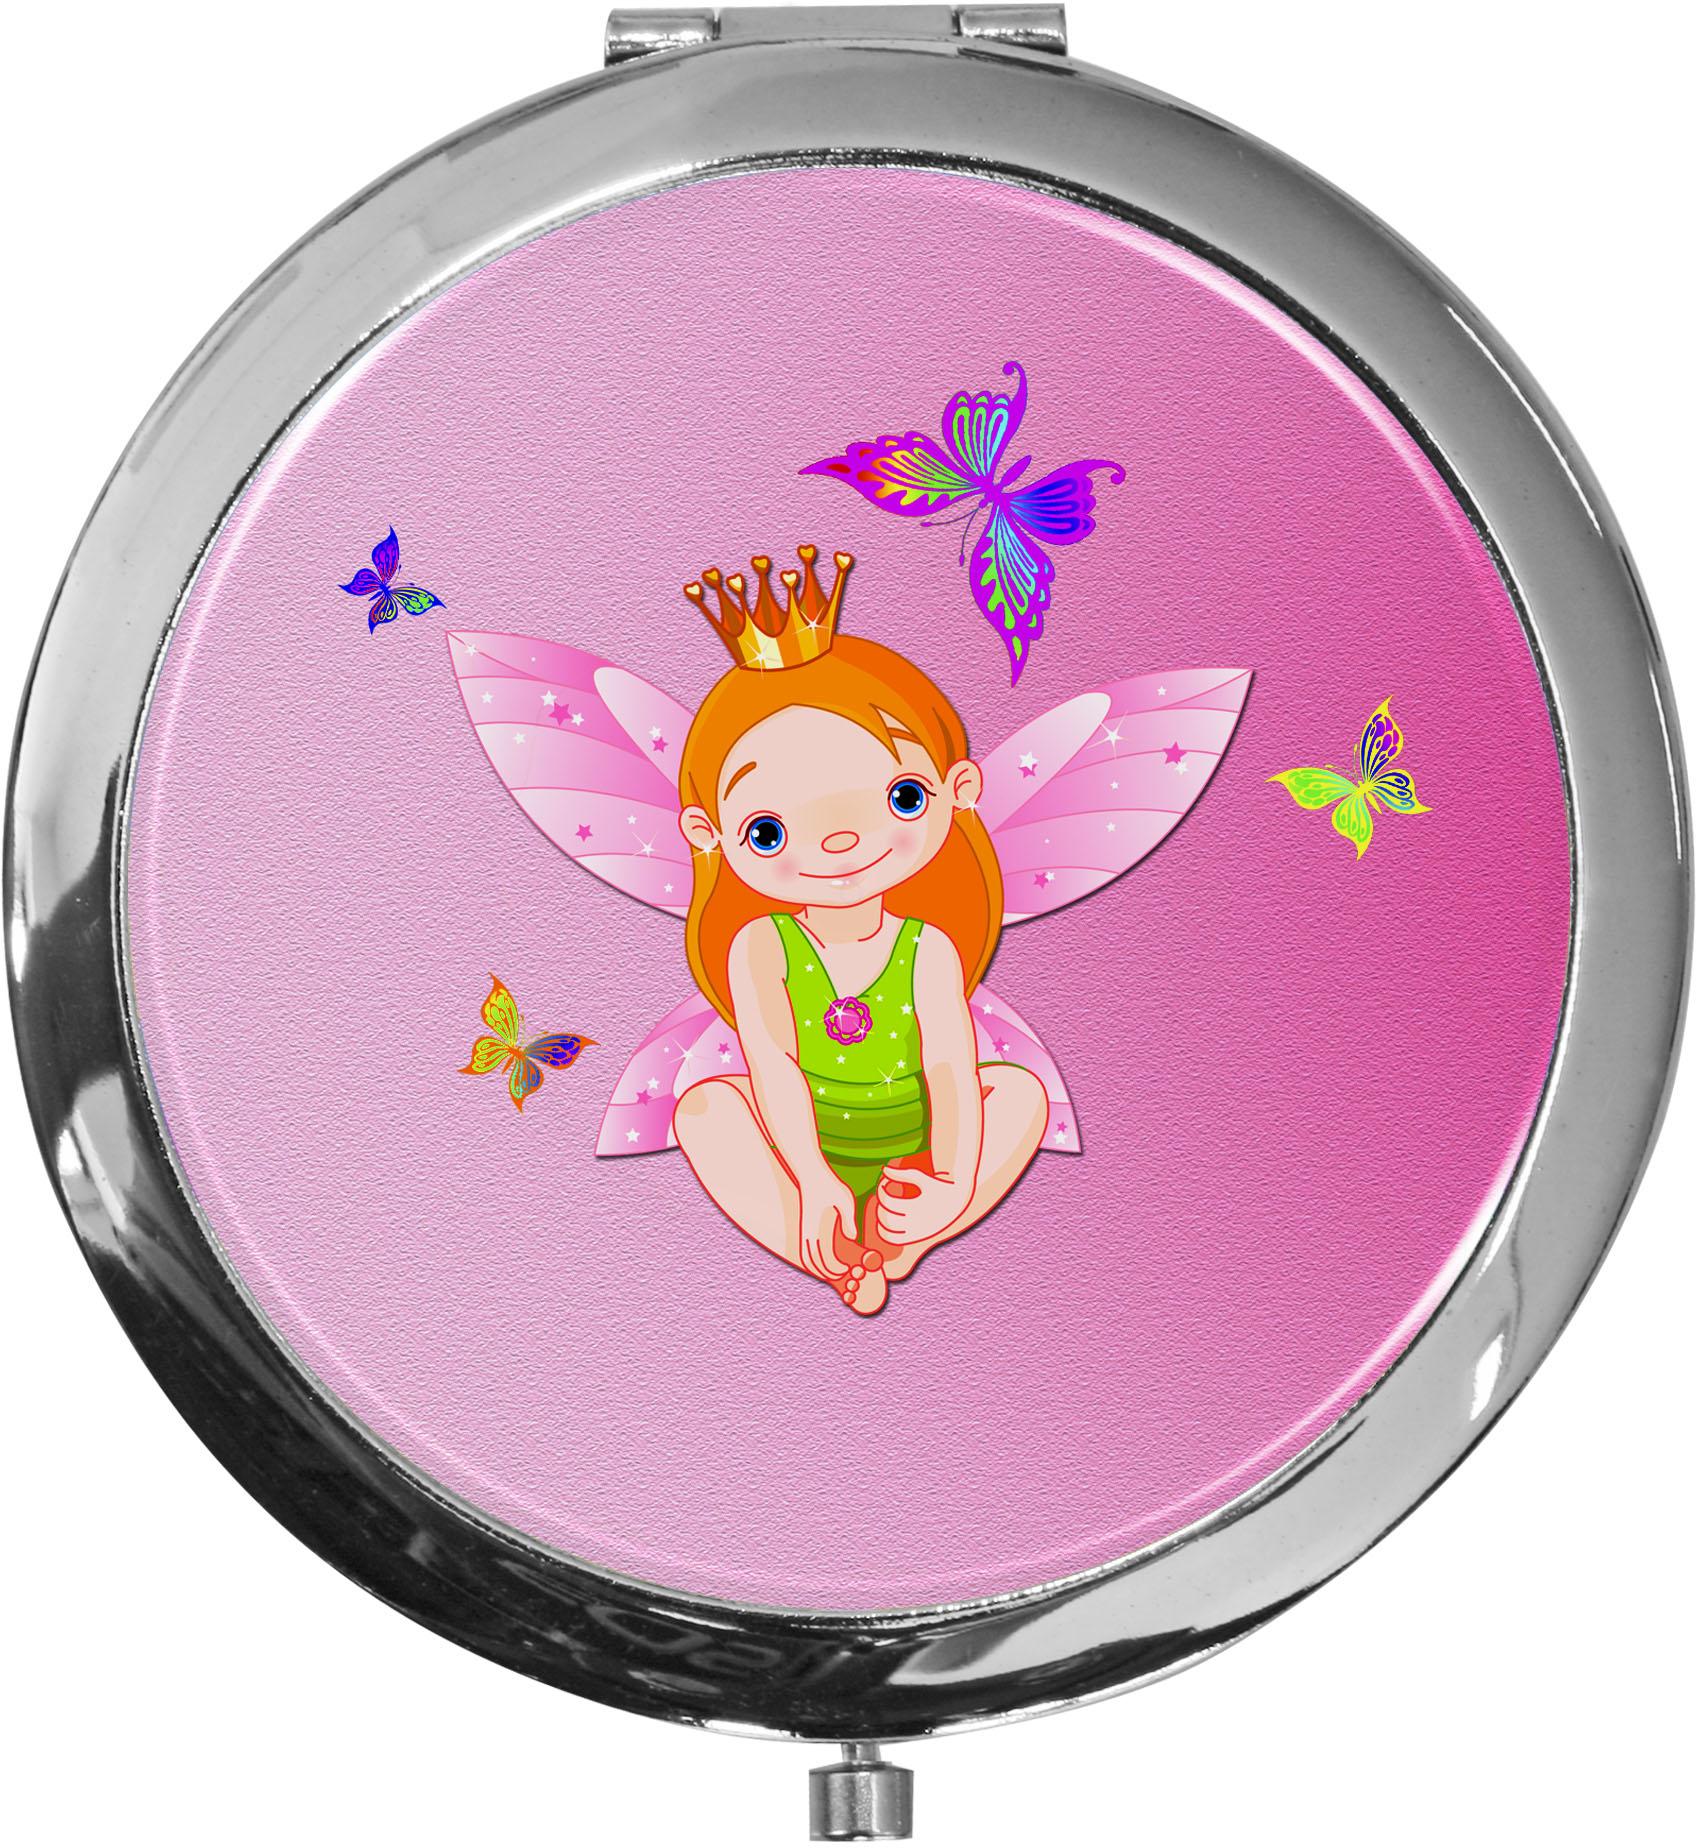 Taschenspiegel / Spiegel / Prinzessin / 2 fache Vergrößerung